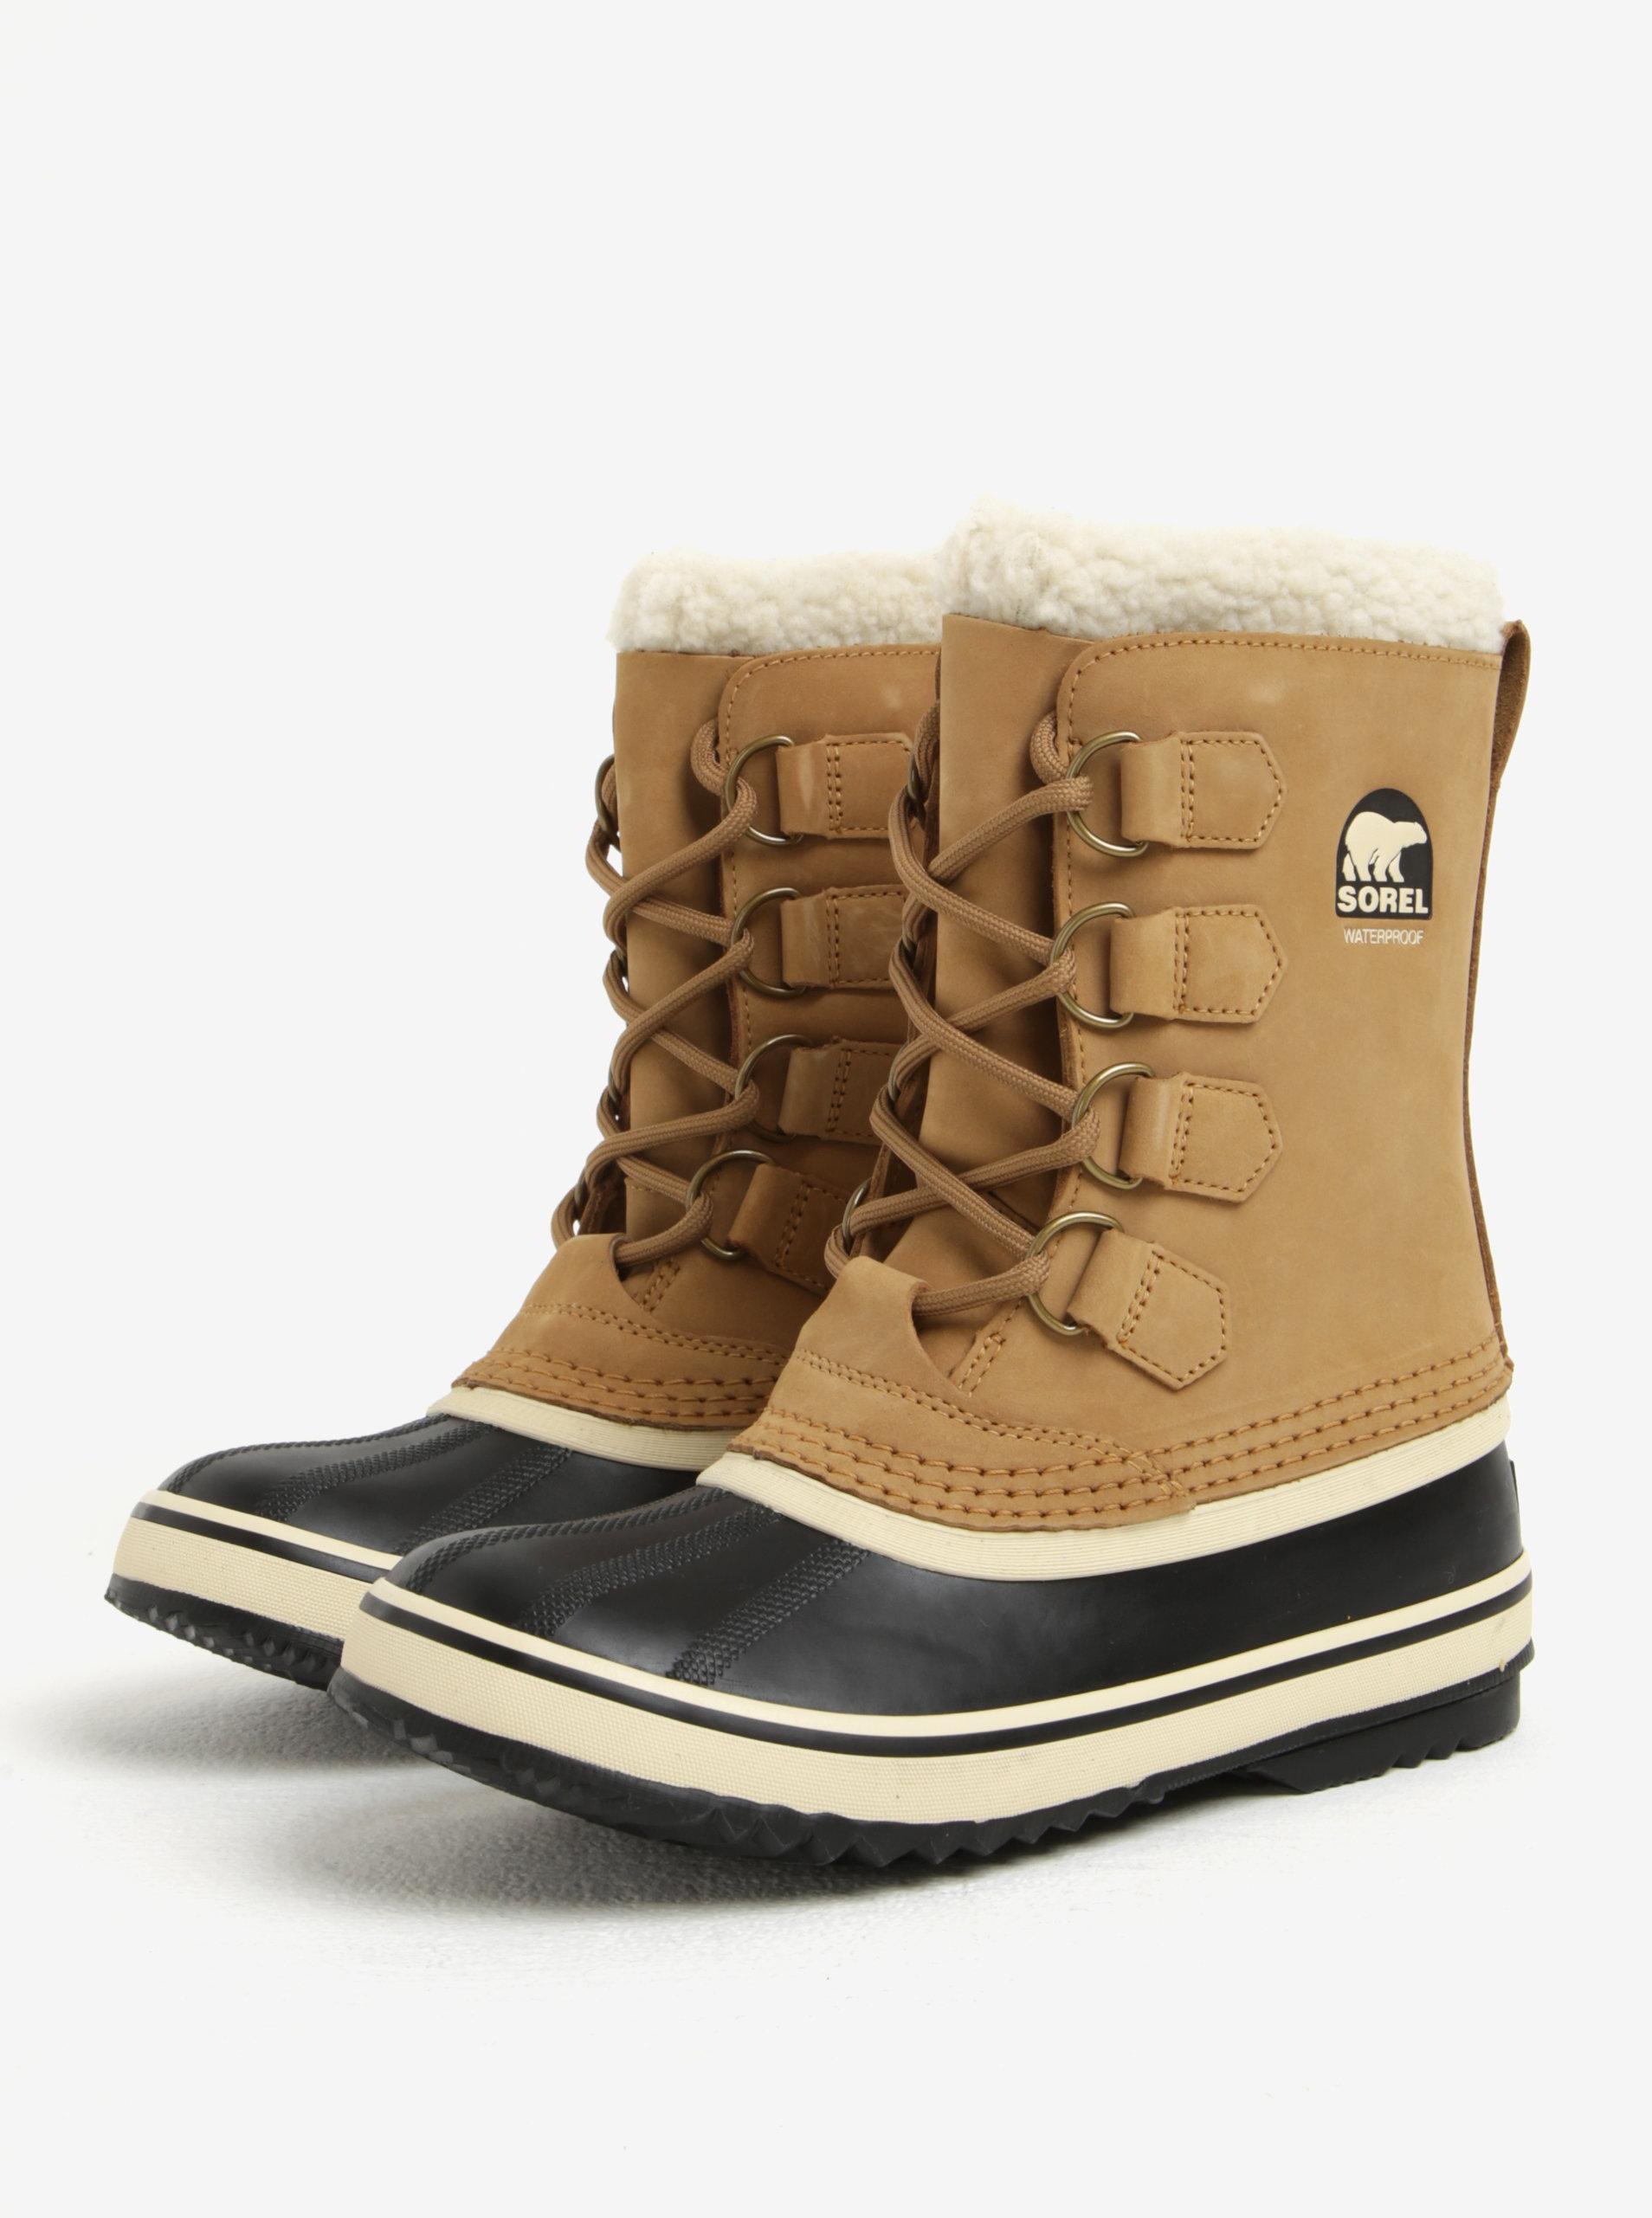 Světle hnědé dámské kožené voděodolné zimní boty s umělým kožíškem SOREL ... 1daa684f9dc